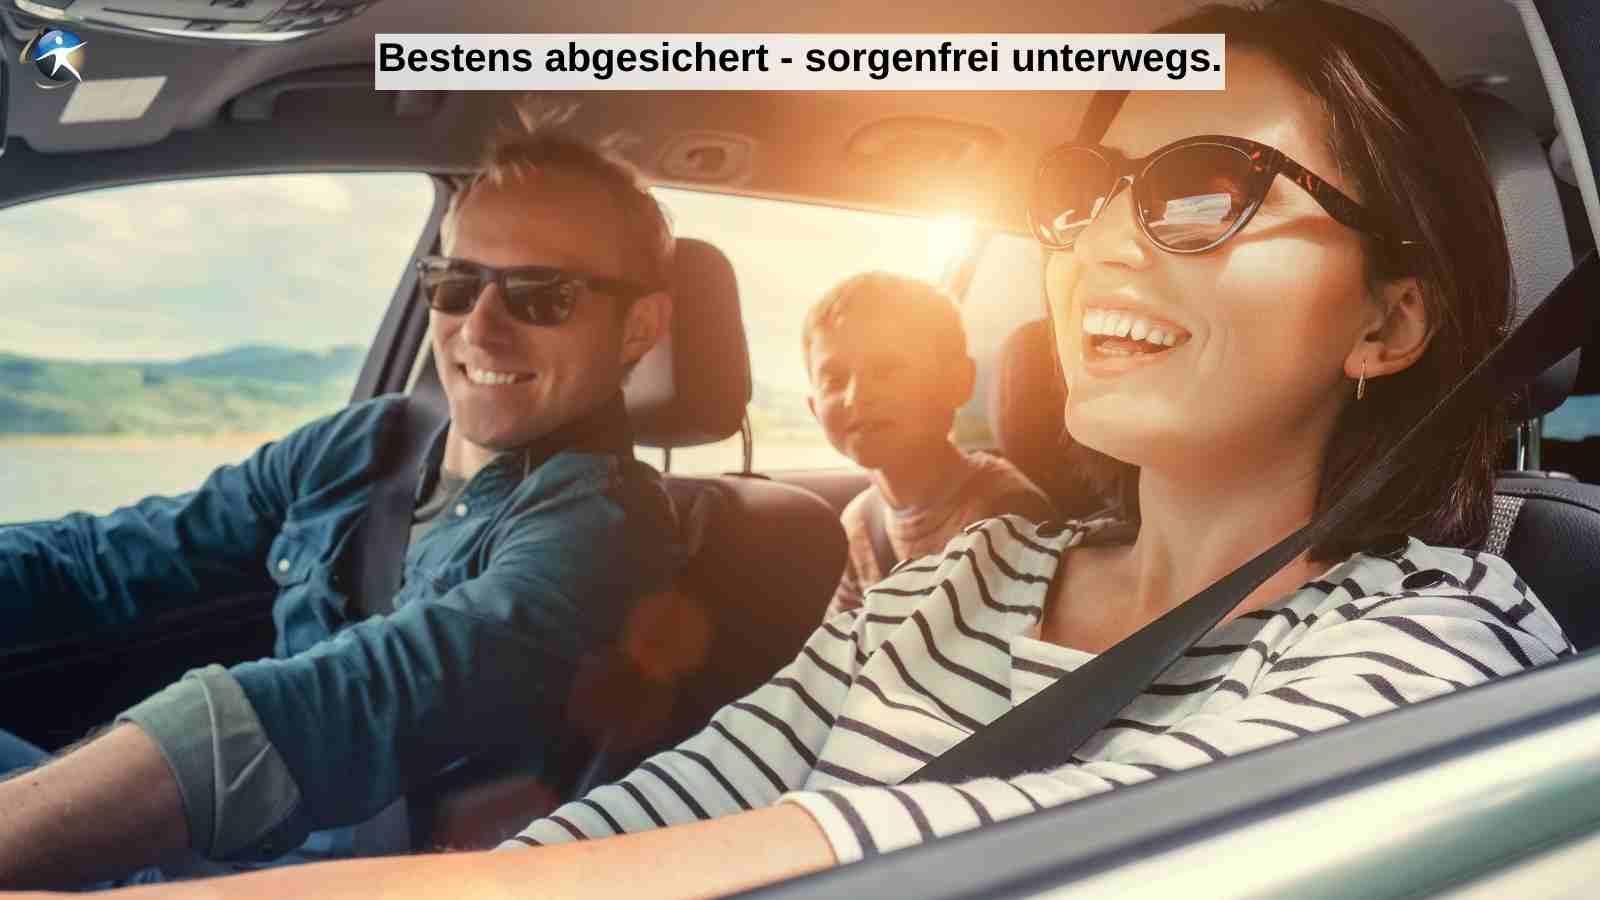 KfZ-Versicherung und Online-Beratung_ein Dreamteam fuer zufriedene Kunden